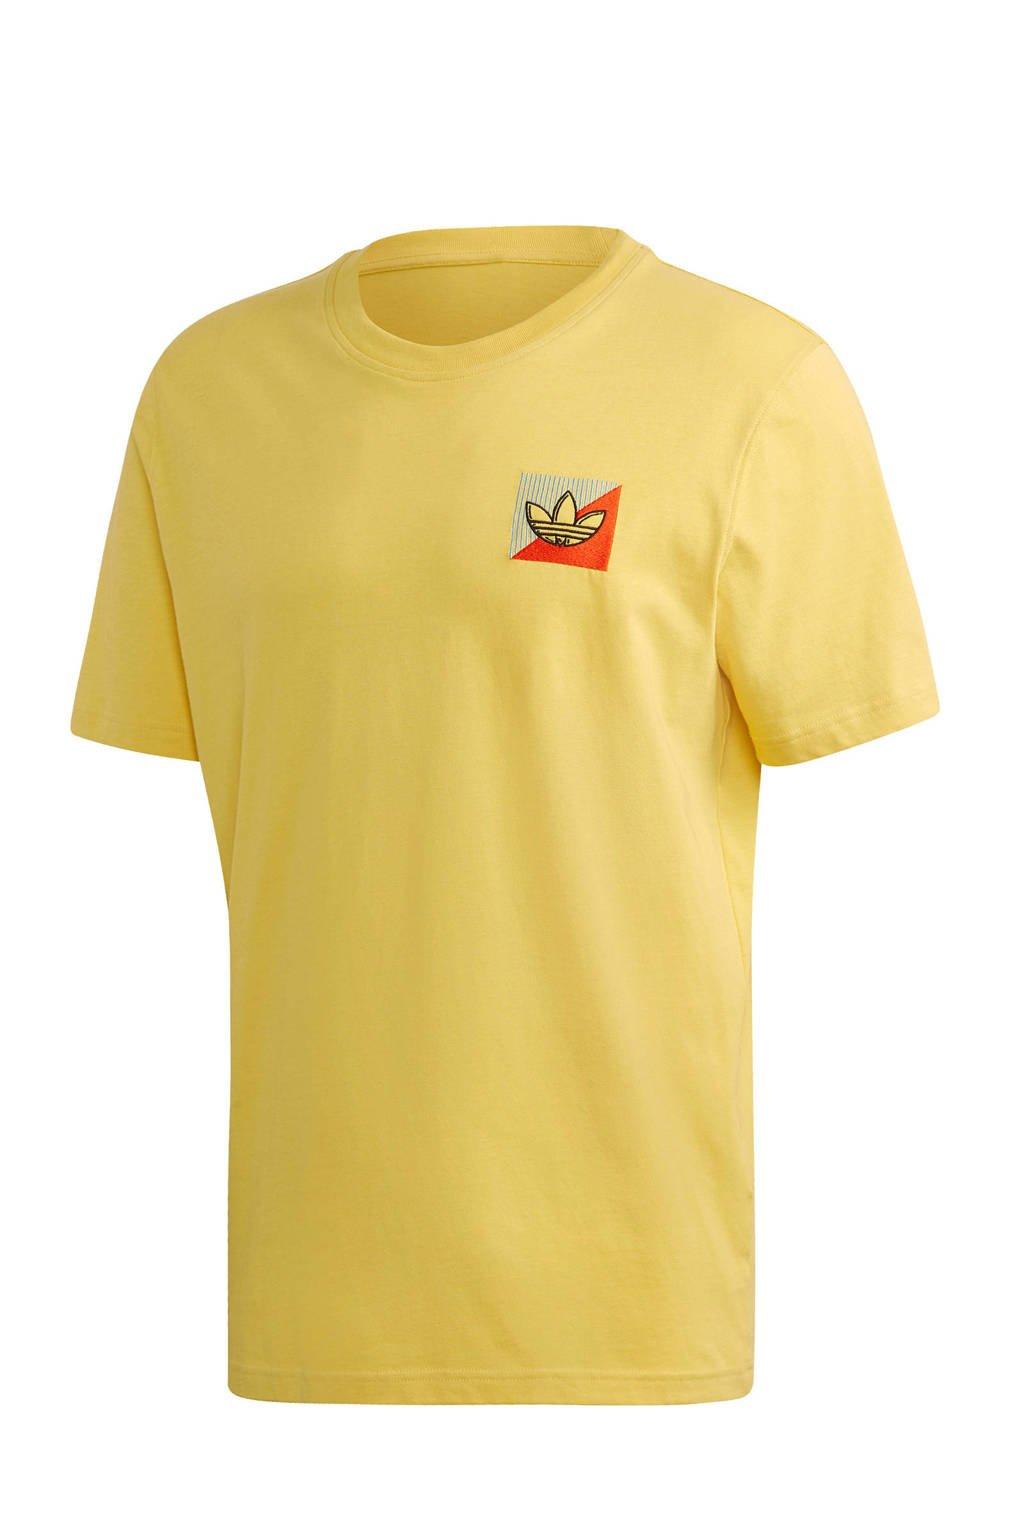 adidas Originals   T-shirt geel, Geel